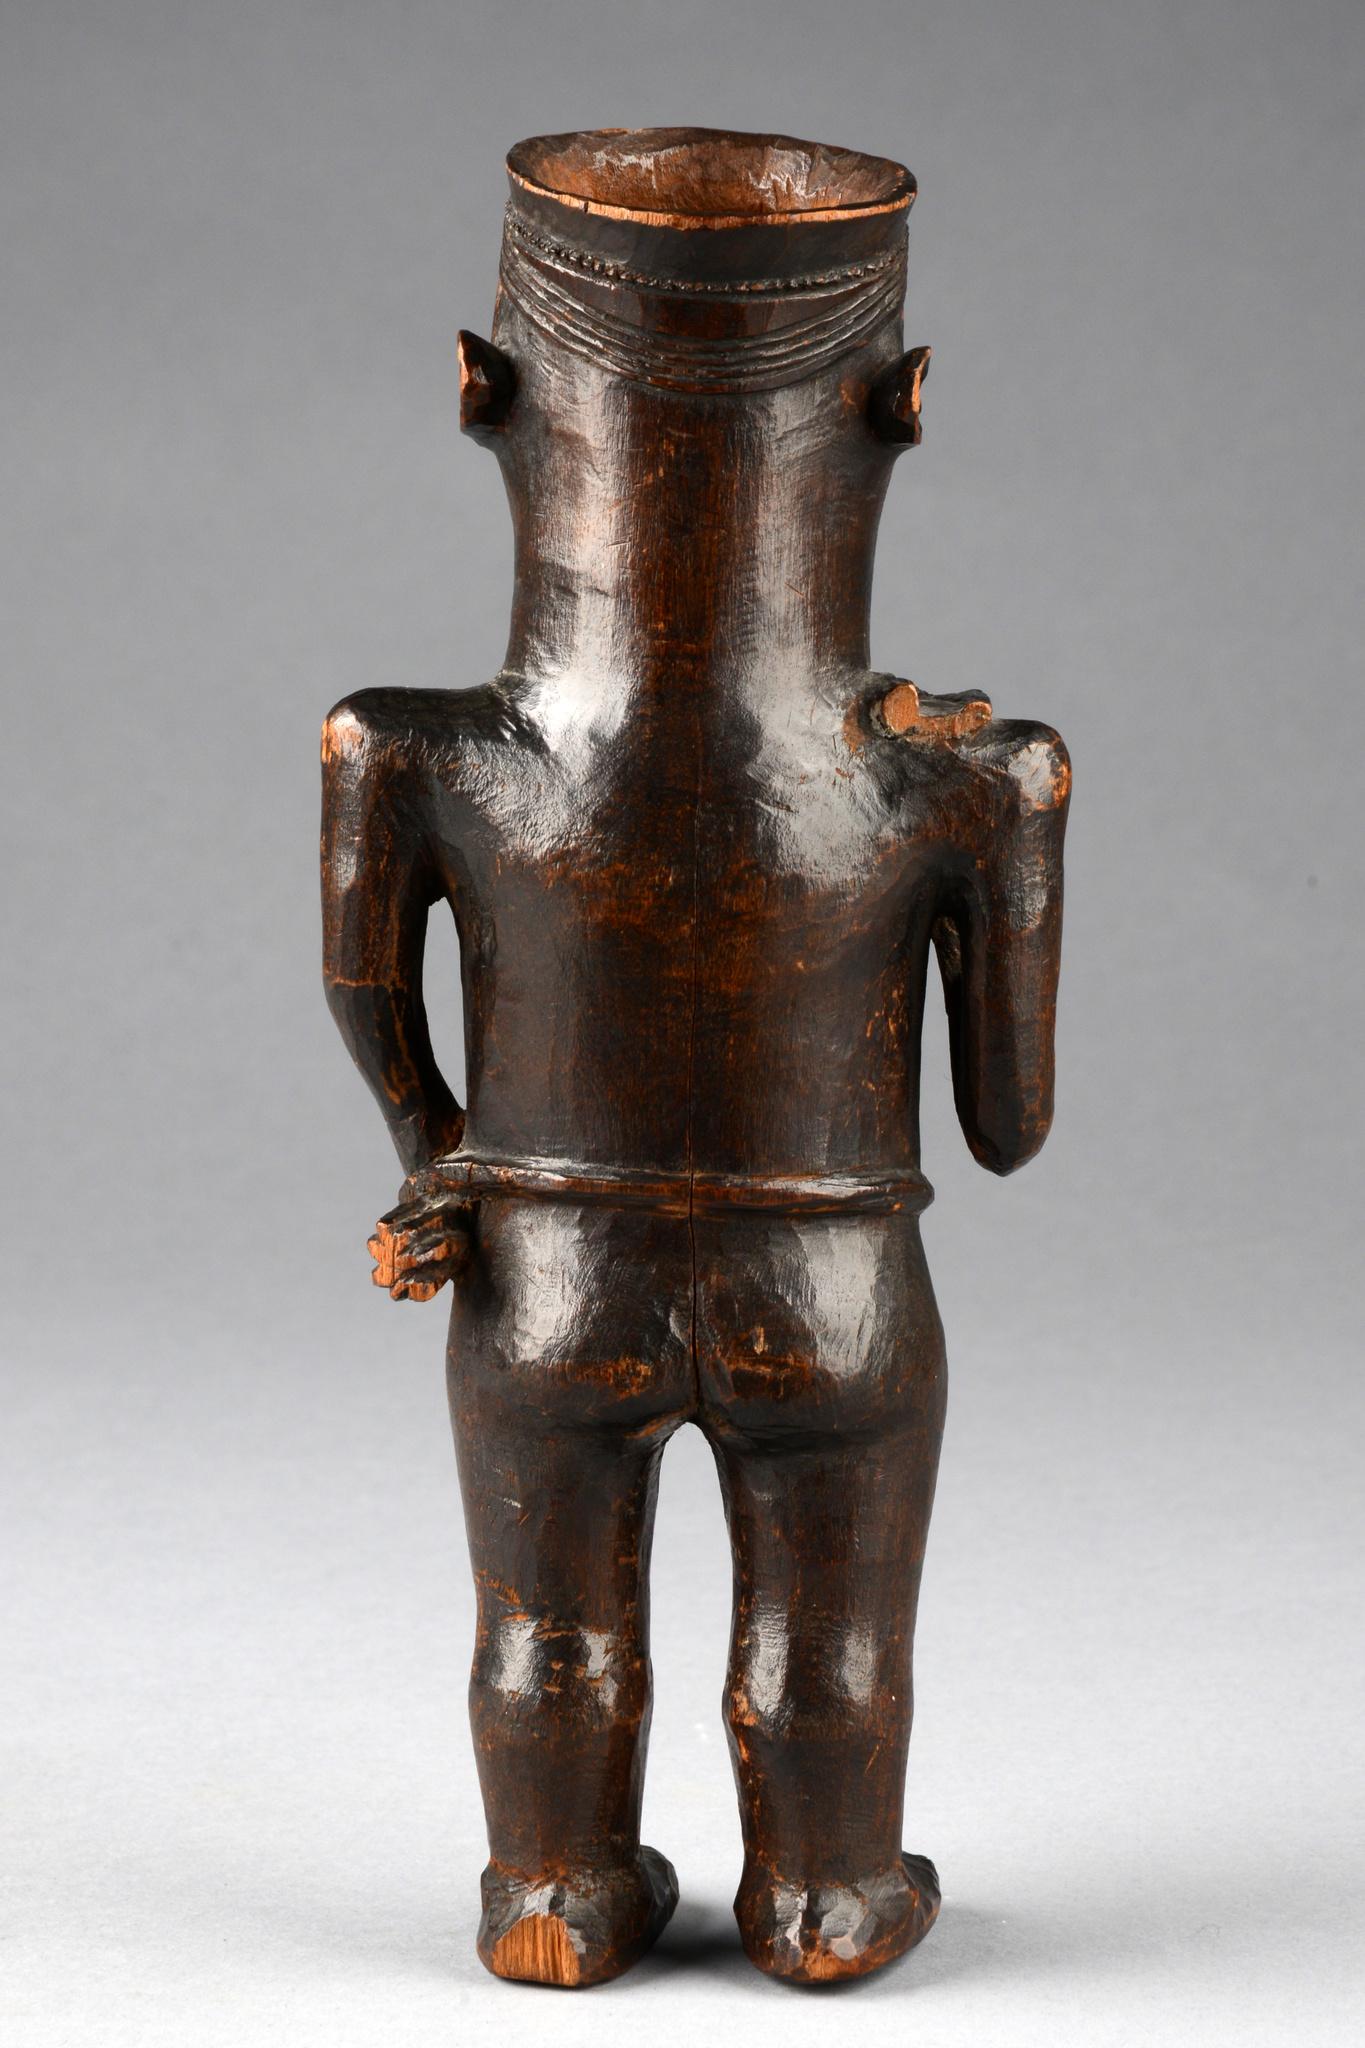 Trinkbecher In Gestalt einer stehenden männlichen Figur